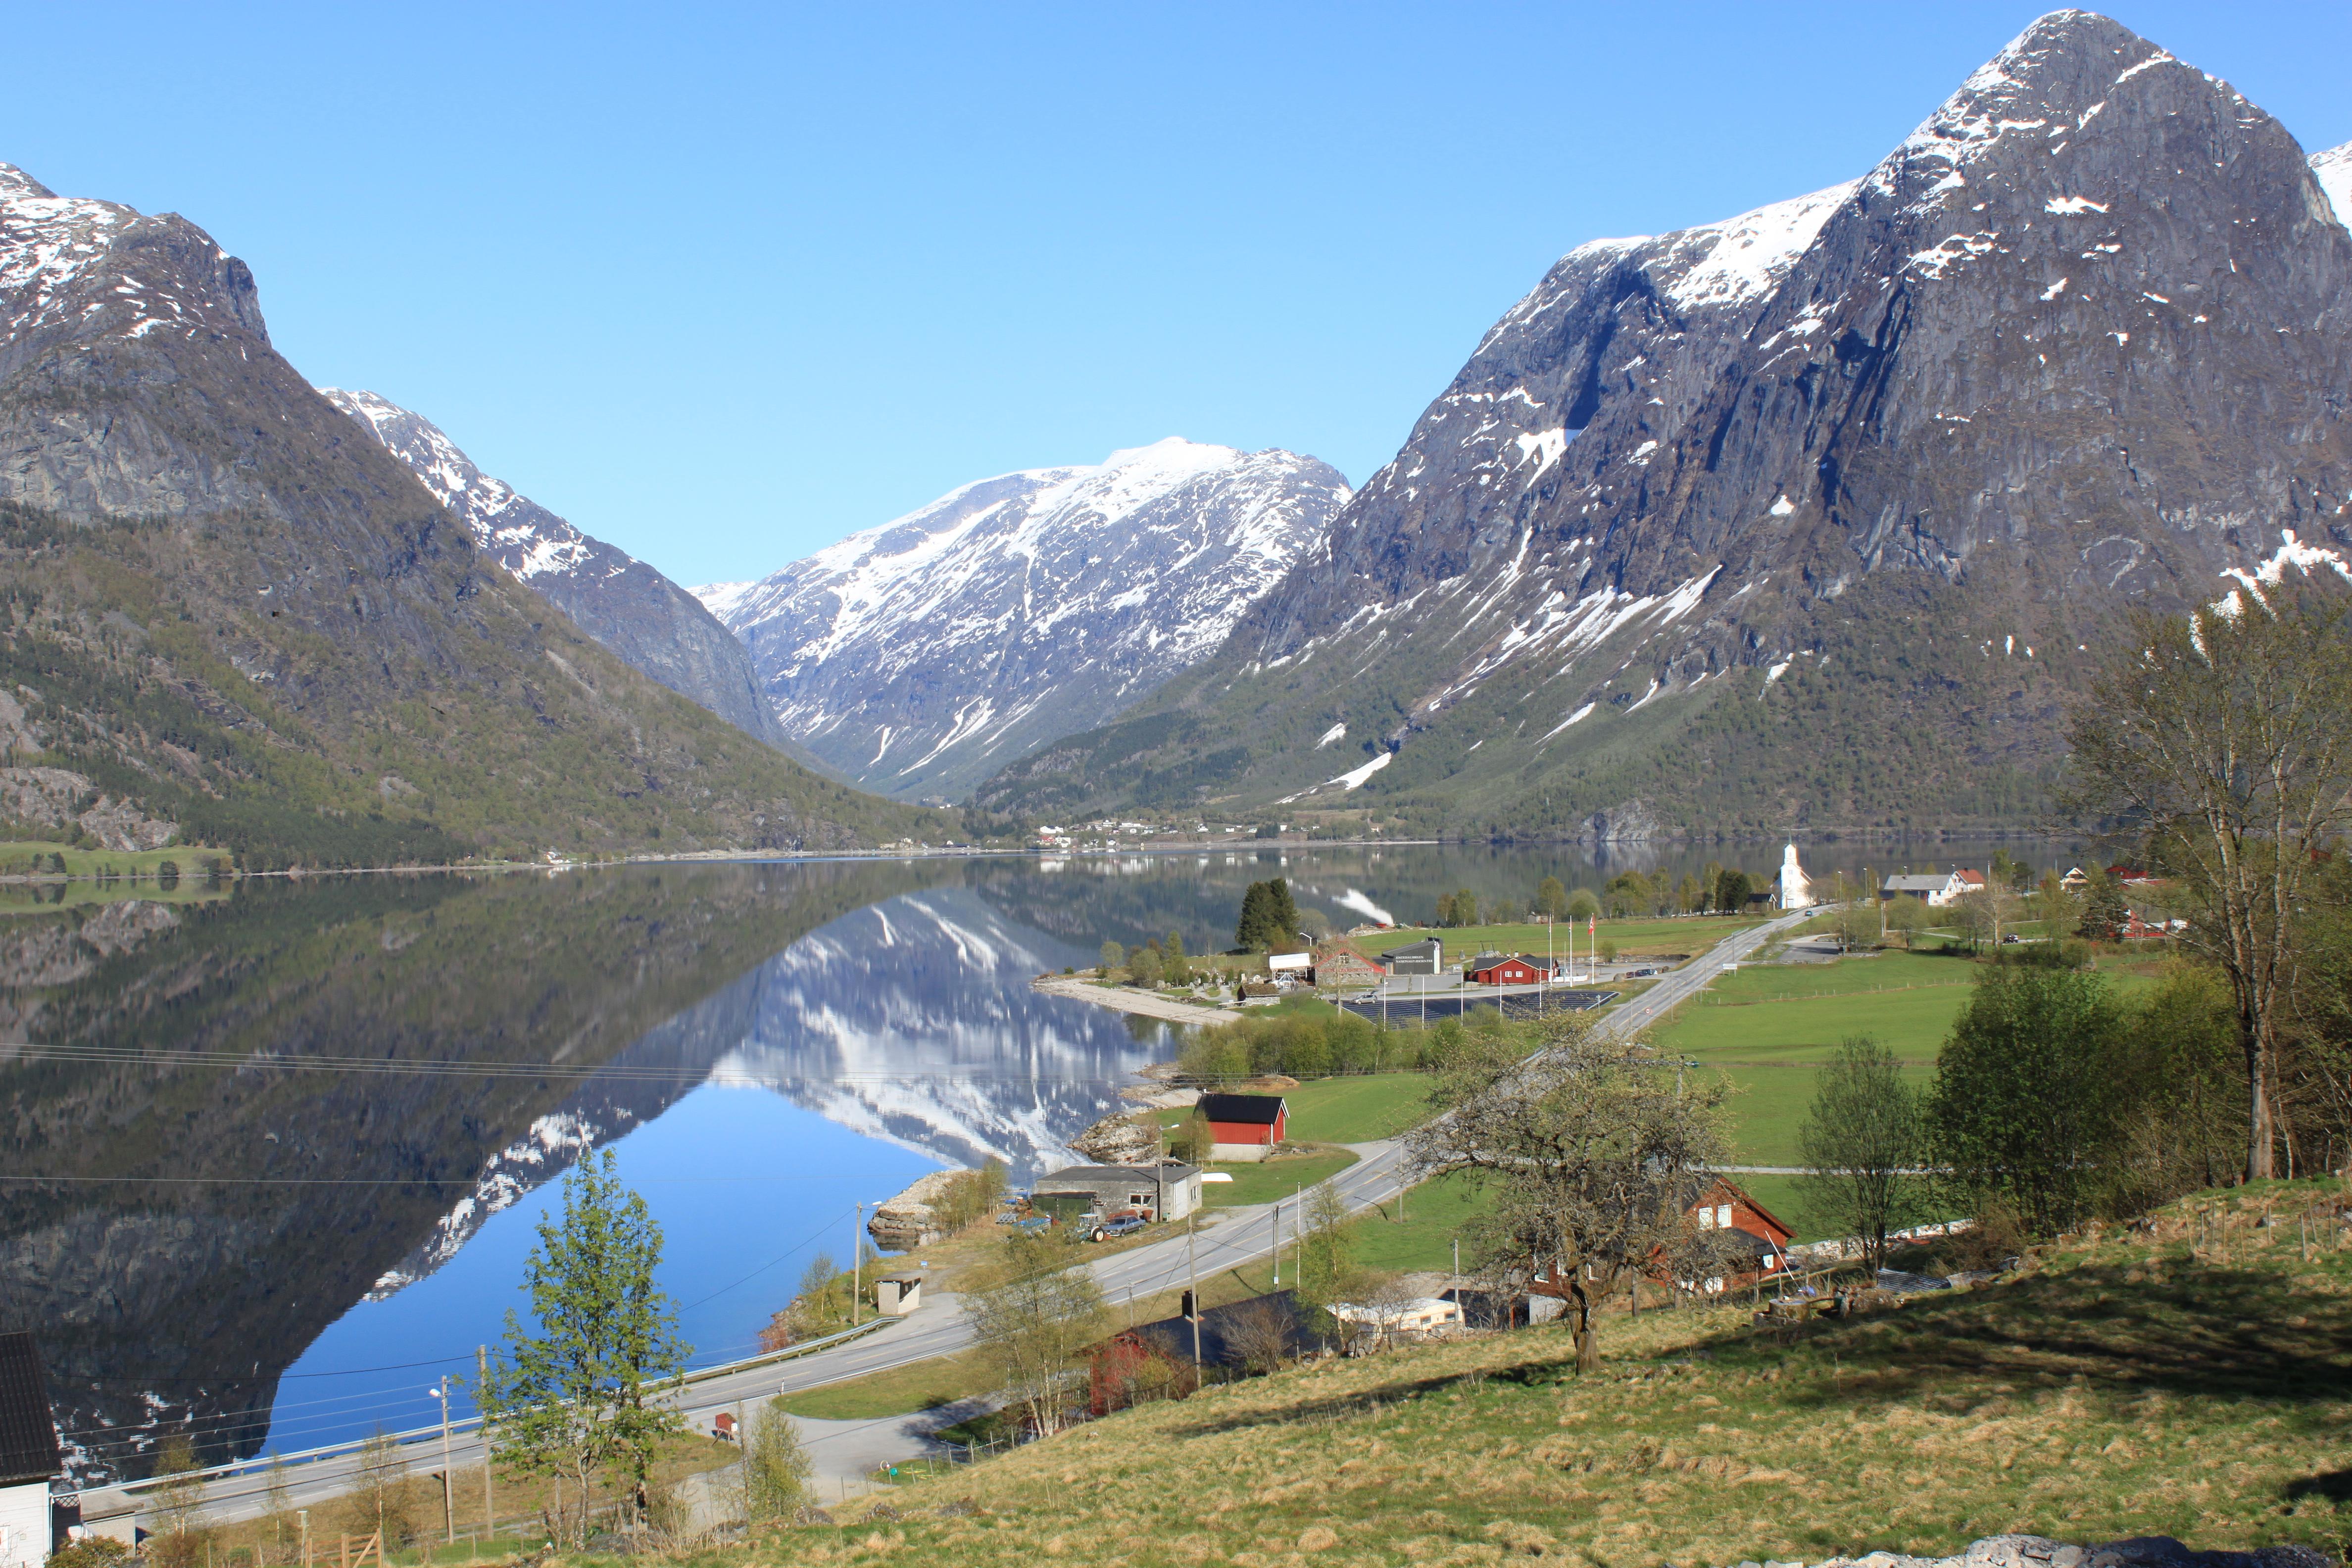 Стрюн (Stryn) - Стрюн, Норвегия - Город, Город | Facebook